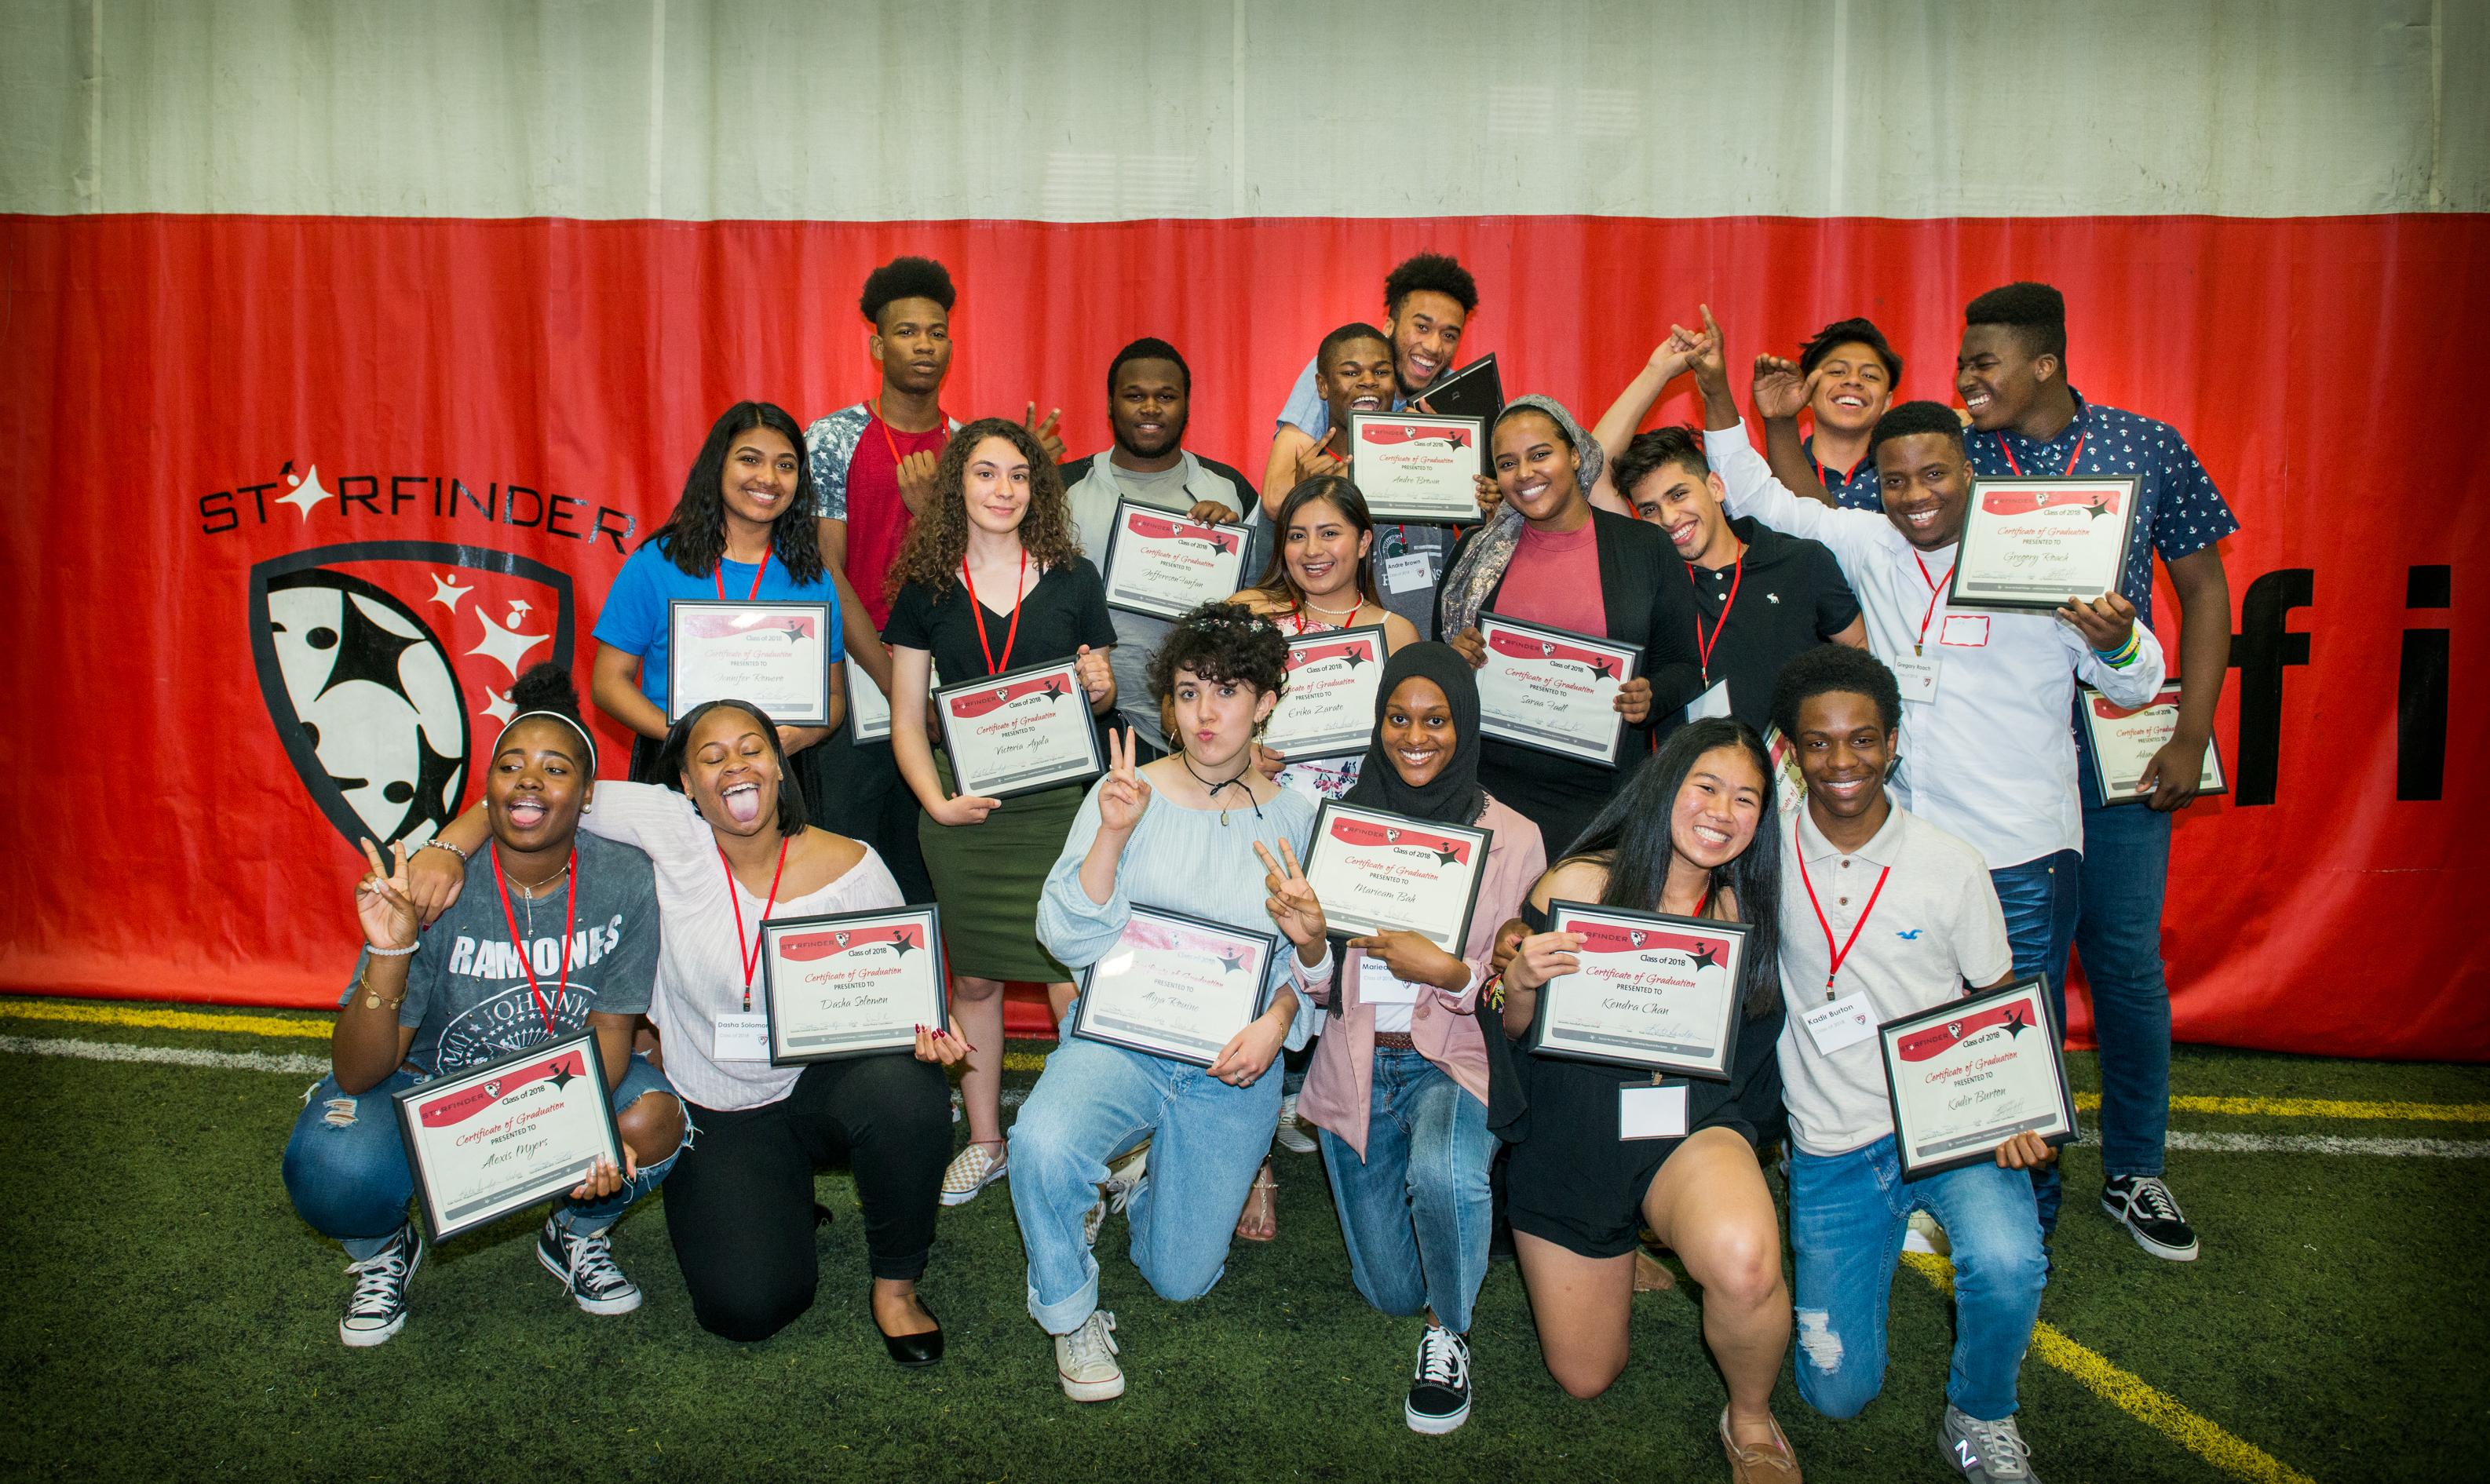 2018 graduation celebration starfinder foundation